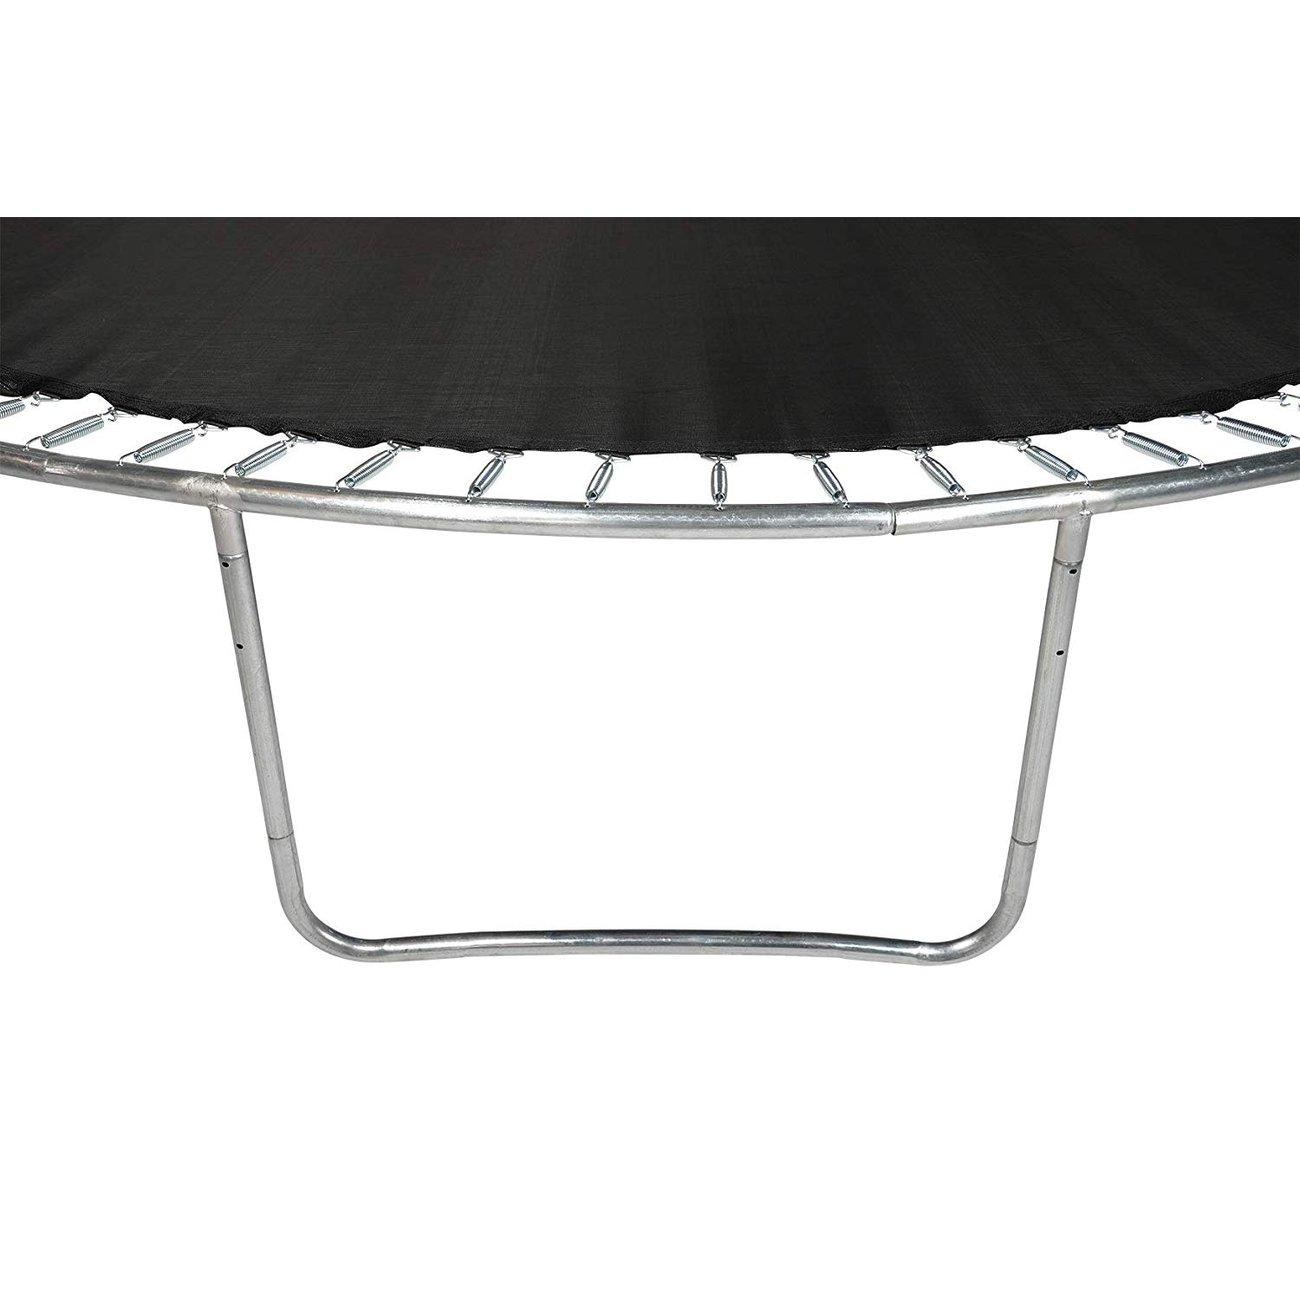 trampoline de jardin tuv avec filet interieur diametre 14 ft 427cm 6 perches couleur au choix noir 8 v2